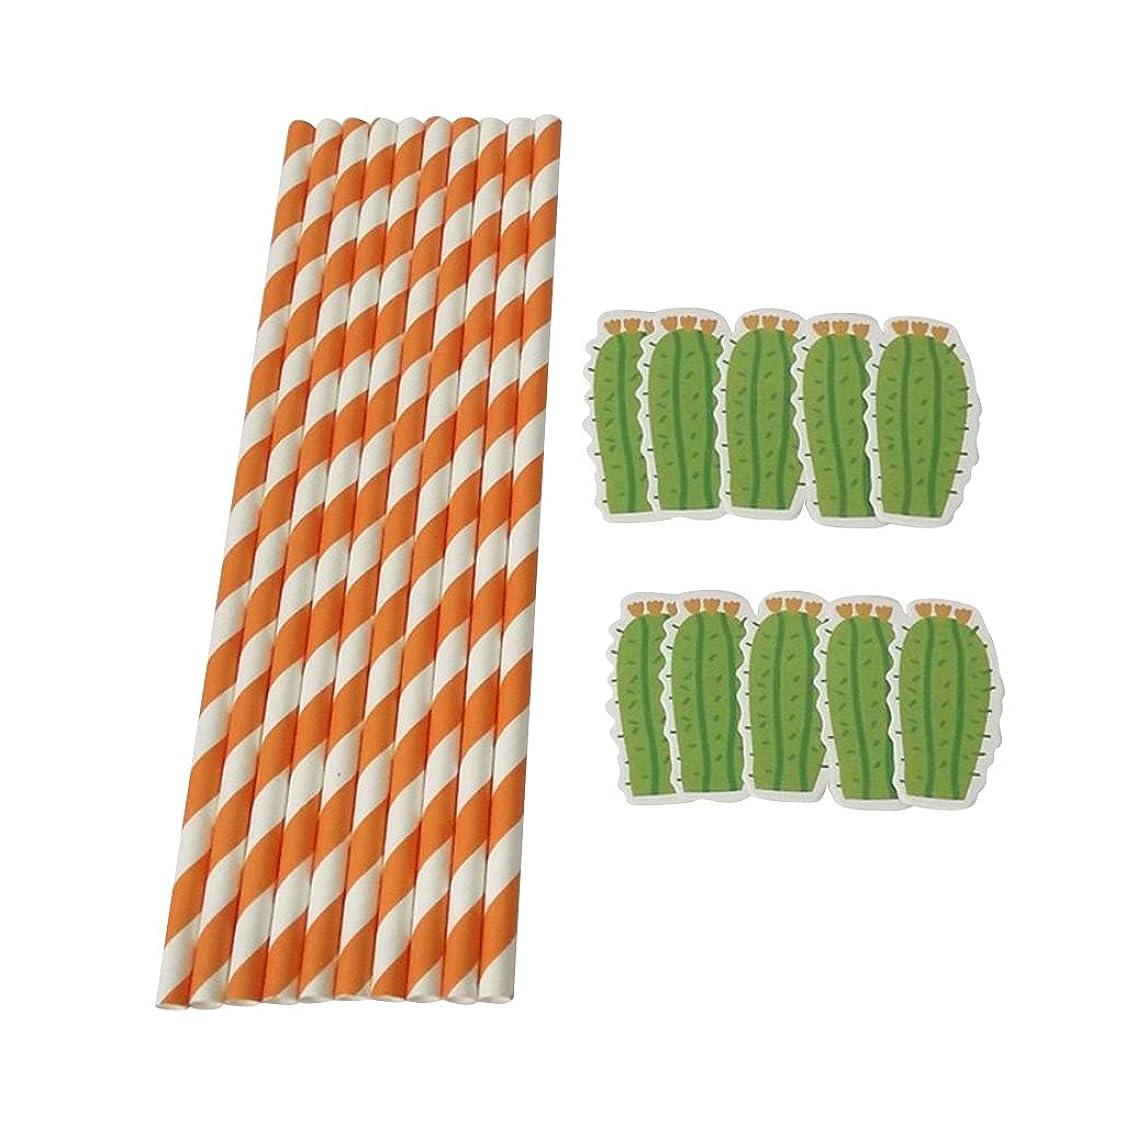 マイクロプロセッサキュービック厚い紙ストライプ サボテンデザイン 使い捨て食器 オレンジ